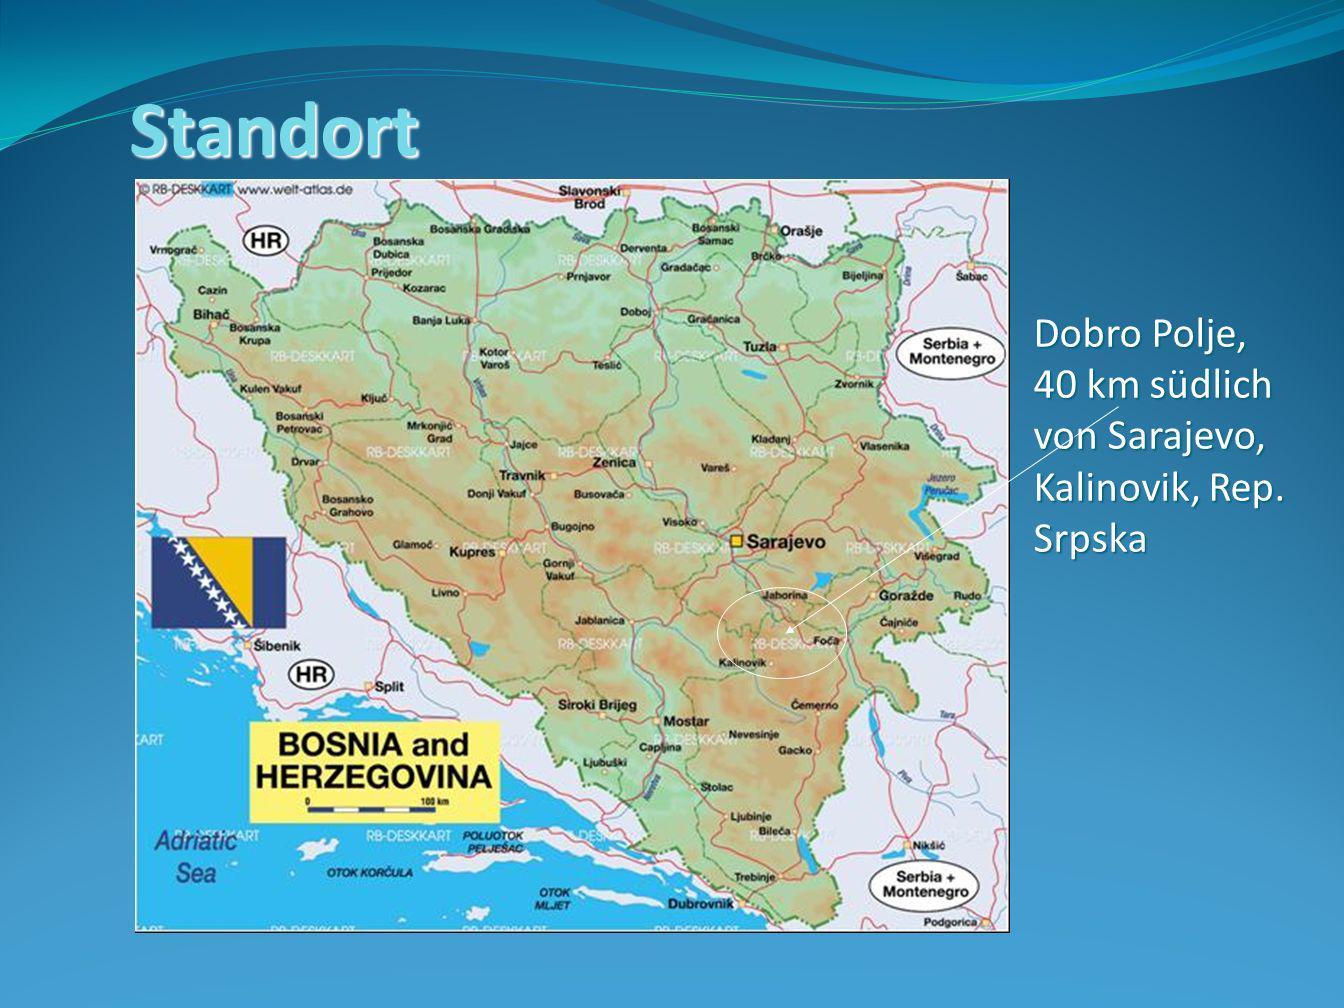 Standort Dobro Polje, 40 km südlich von Sarajevo, Kalinovik, Rep. Srpska